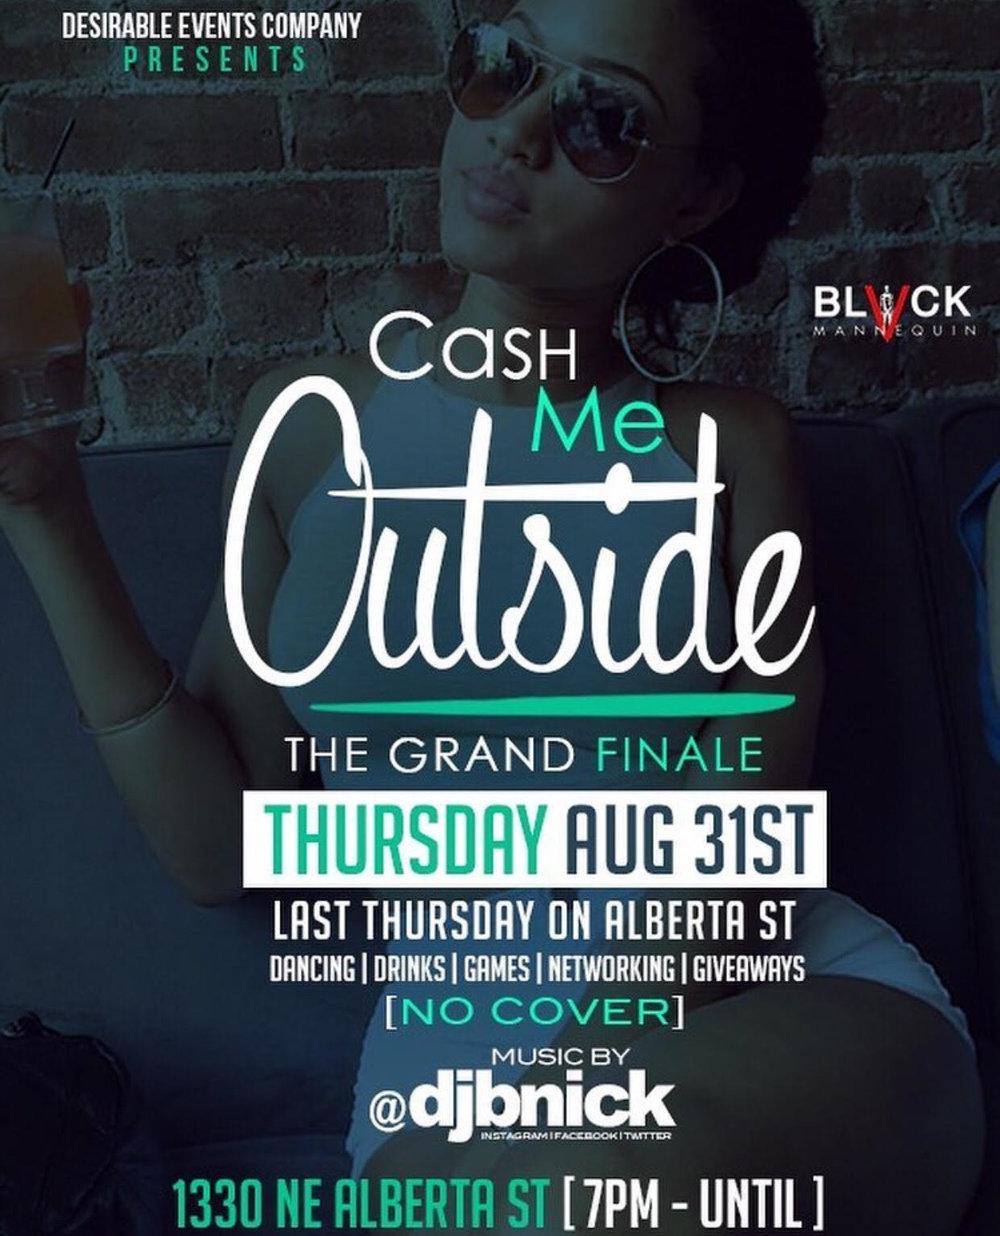 CASH ME OUTSIDE 8.31 BLACK MANNEQUIN.jpg